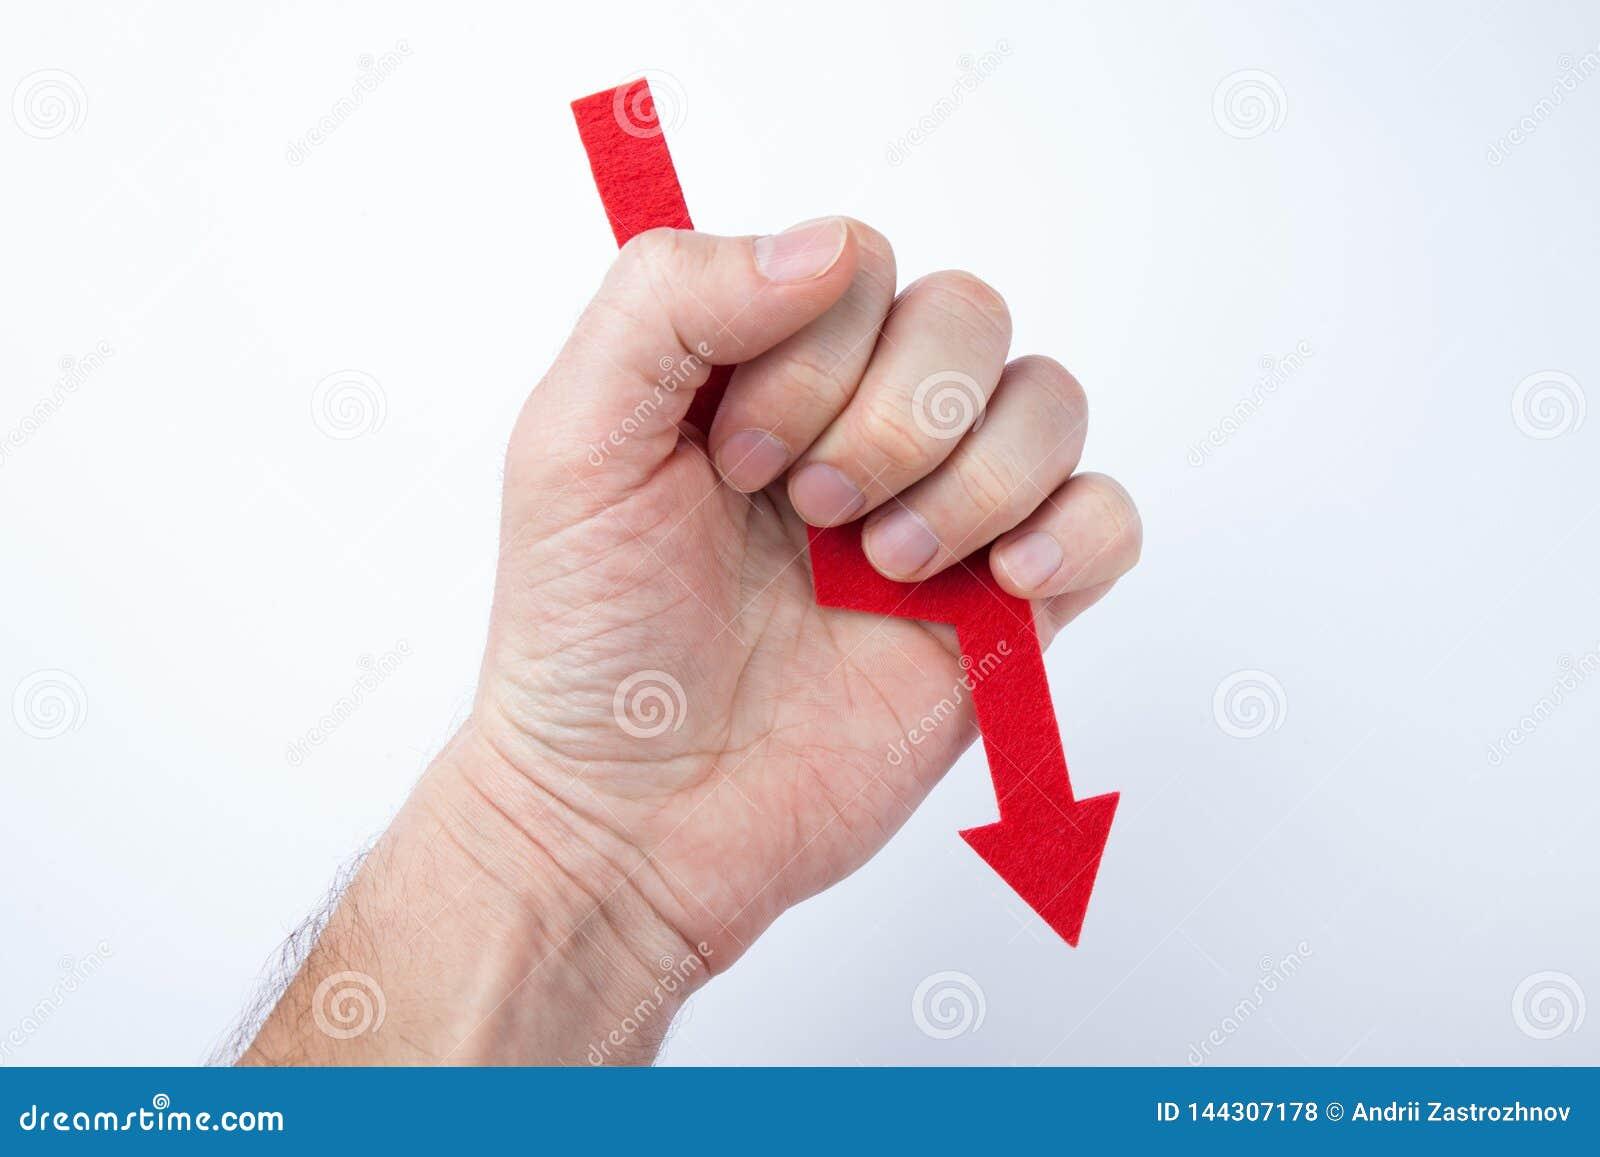 Röd pil i handen, begrepp av fel